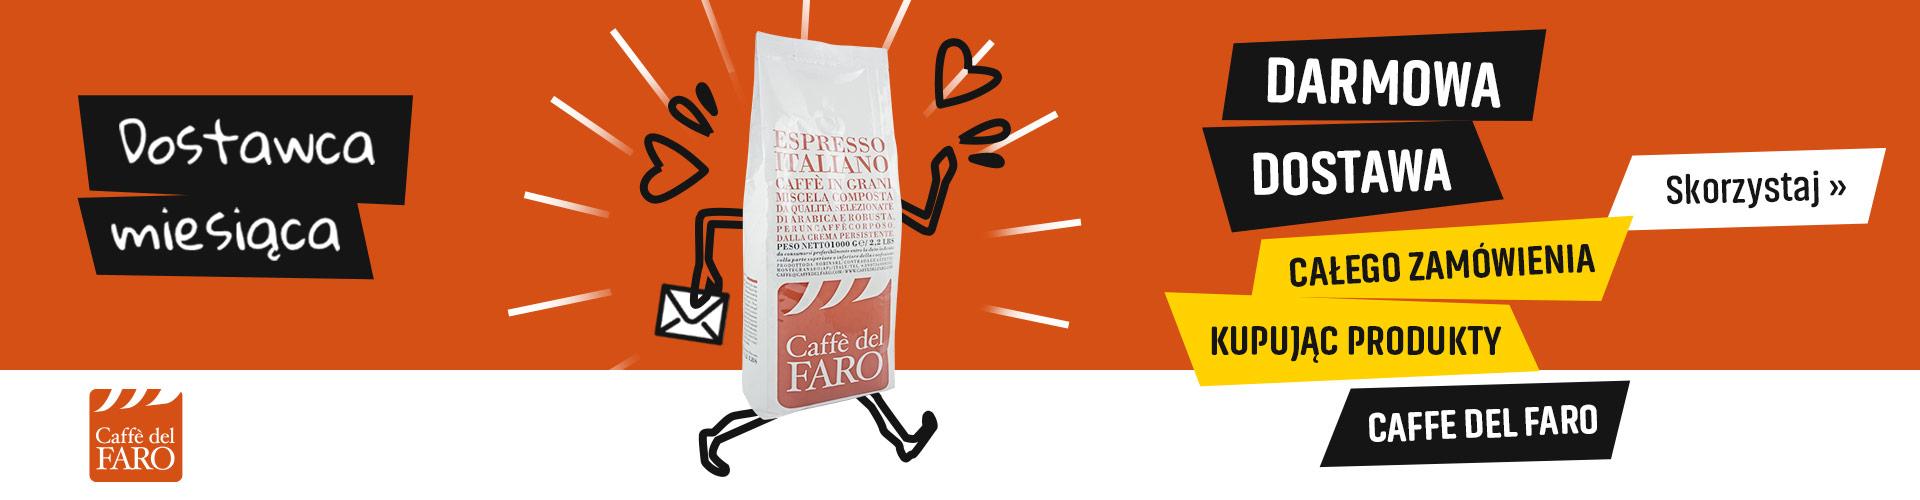 Darmowa Dostawa kupując produkty palarni Caffe Del Faro